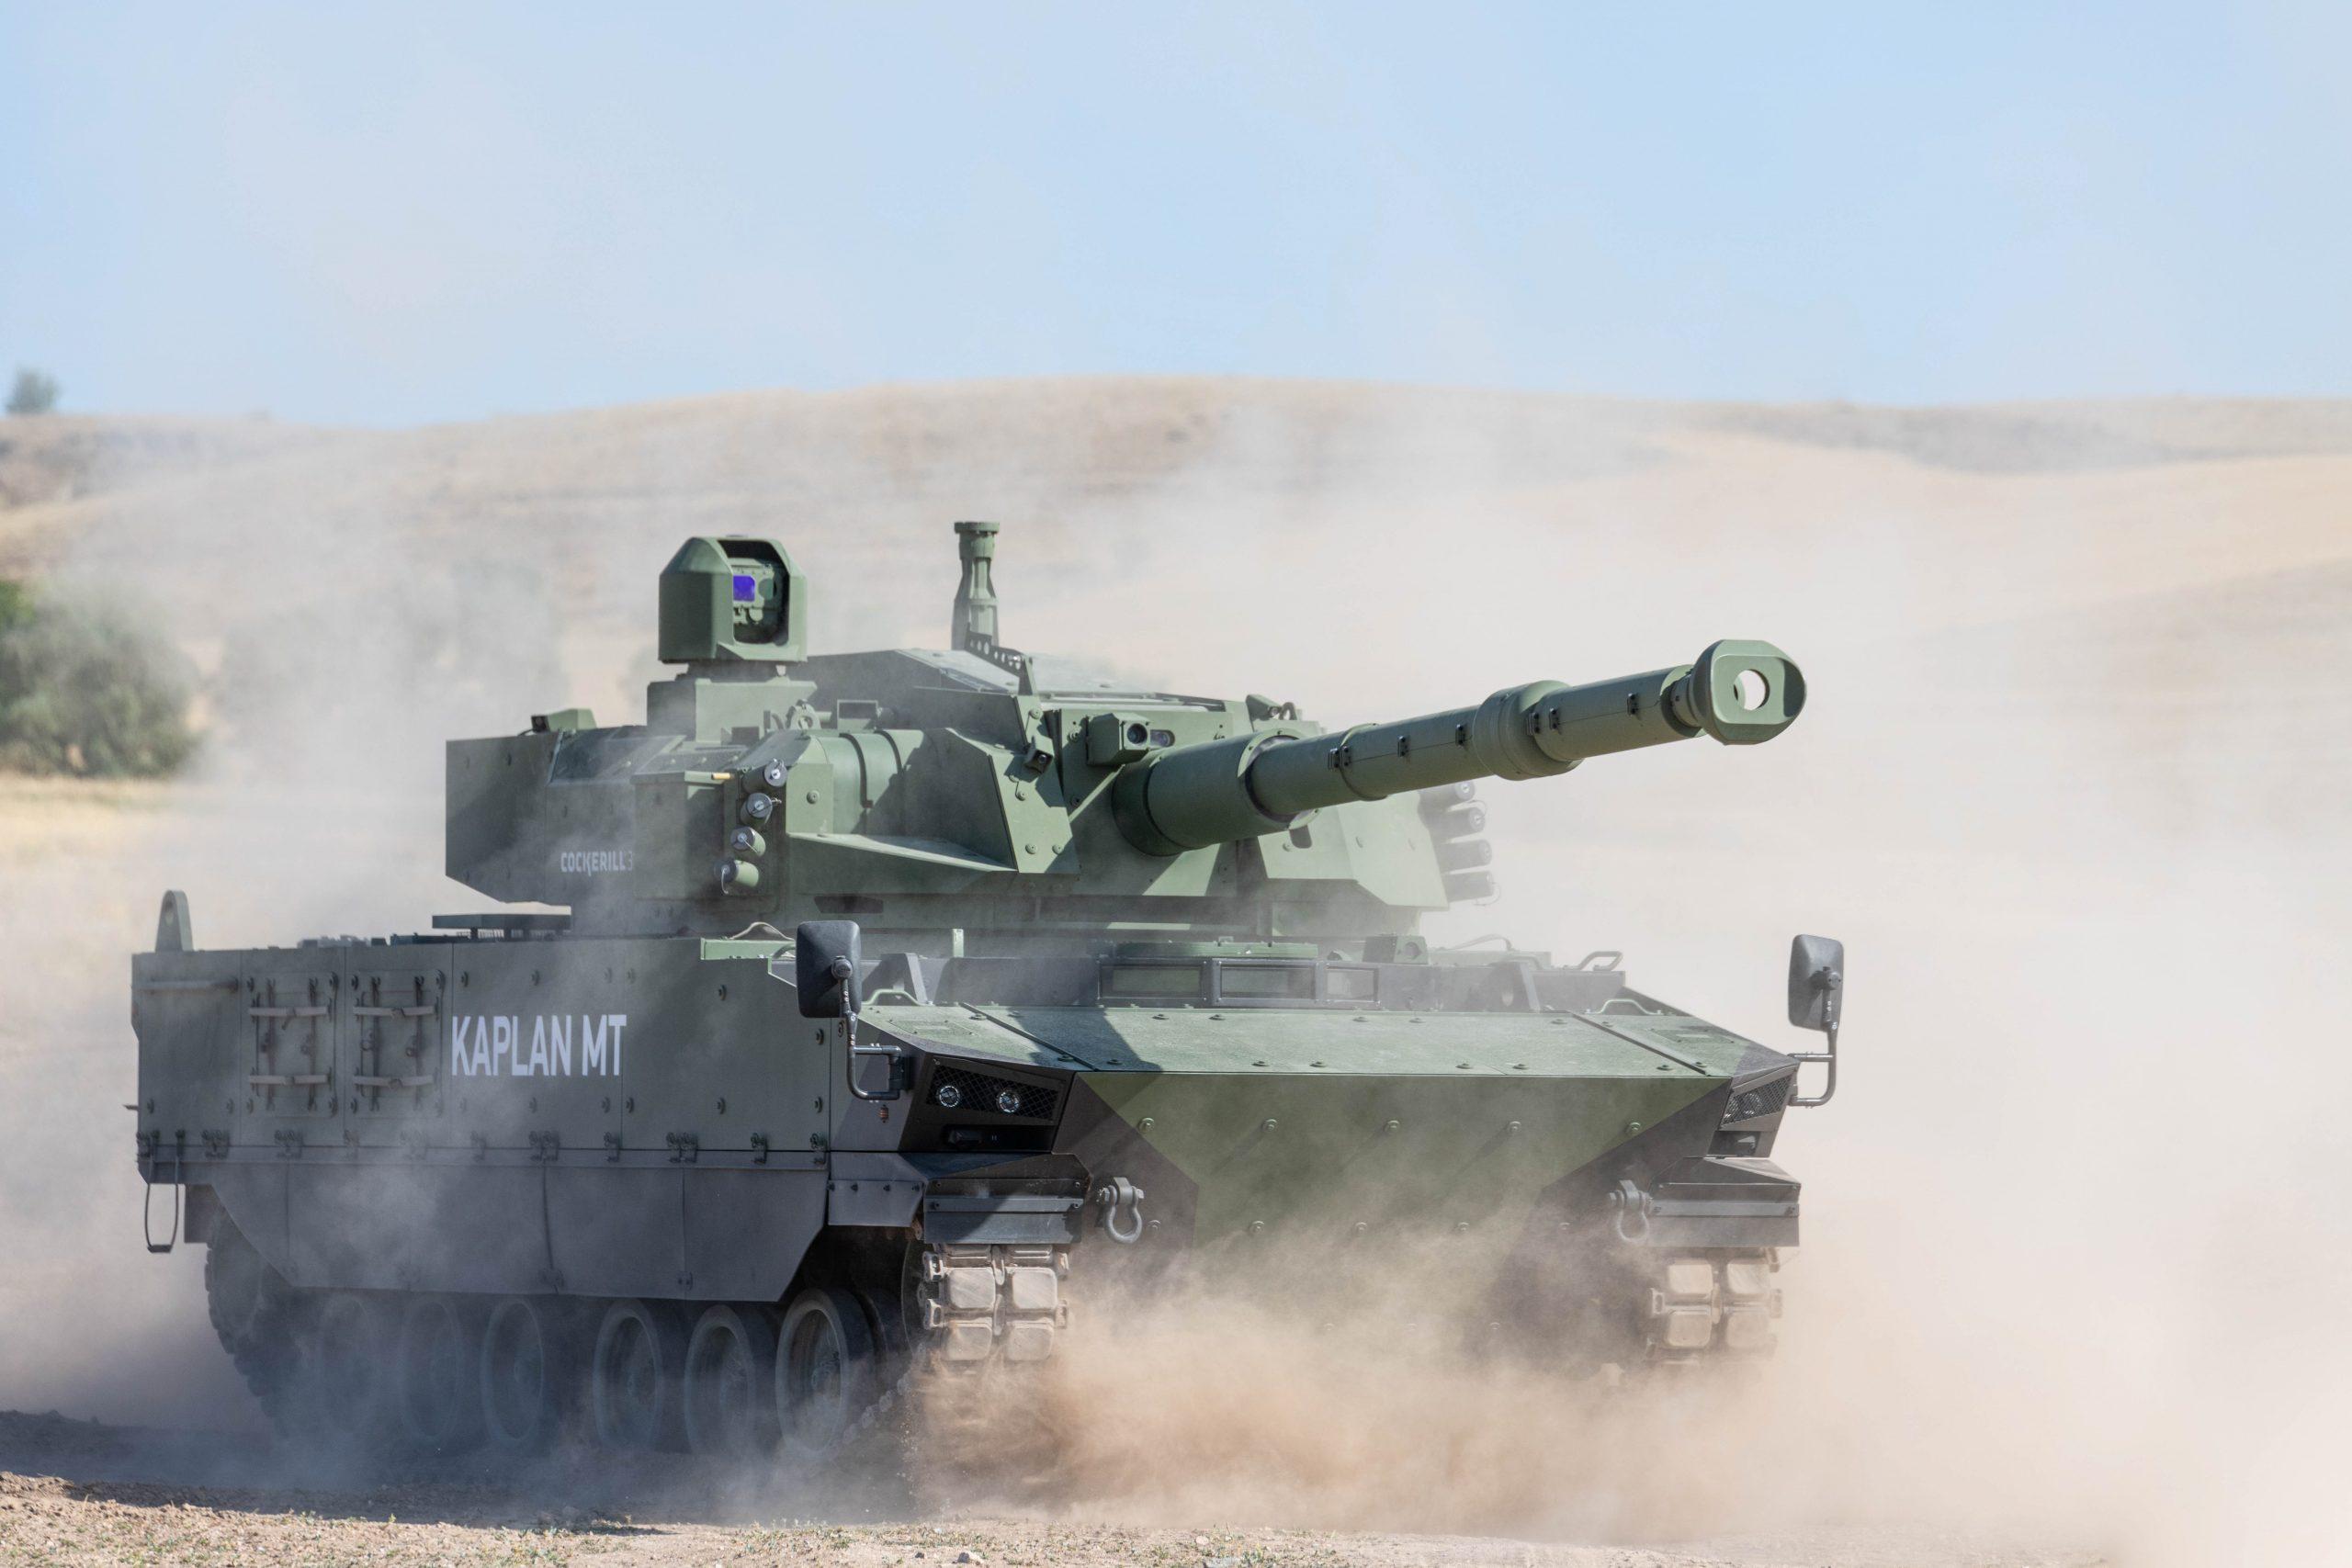 KAPLAN MT (Medium Weight Tank)